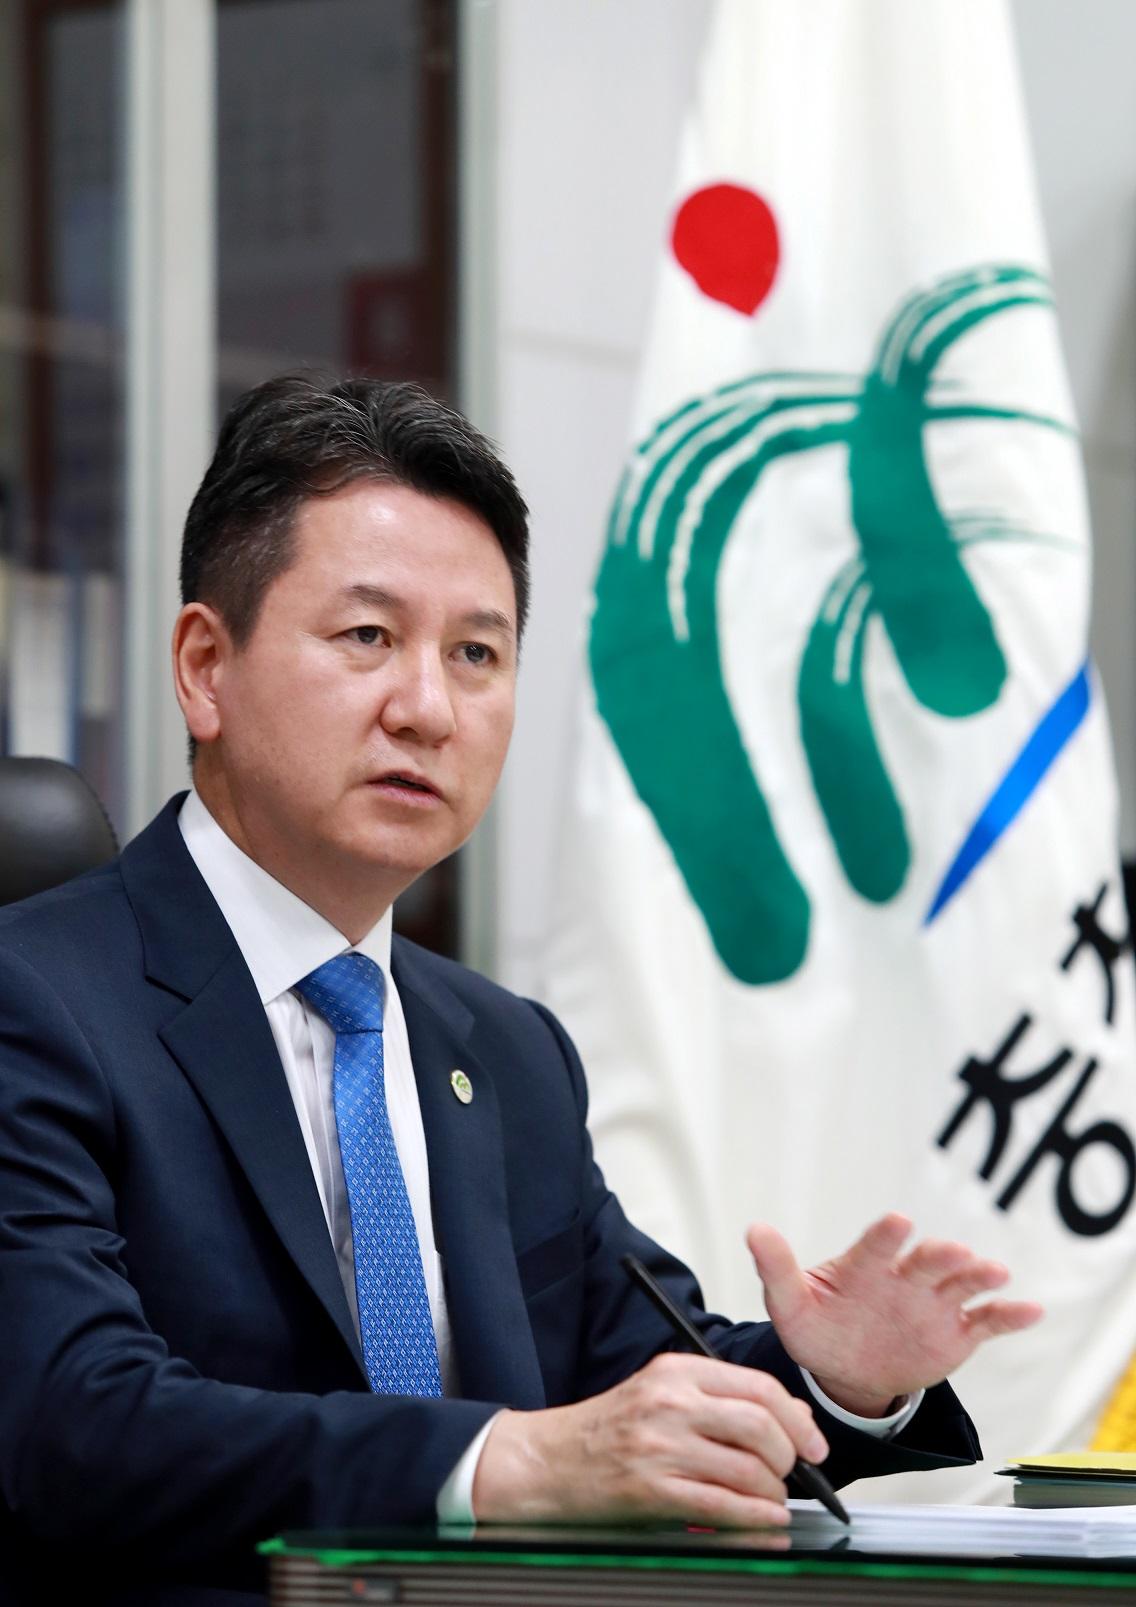 한창섭 행정부지사, 현안 해결 첫걸음은 예산확보